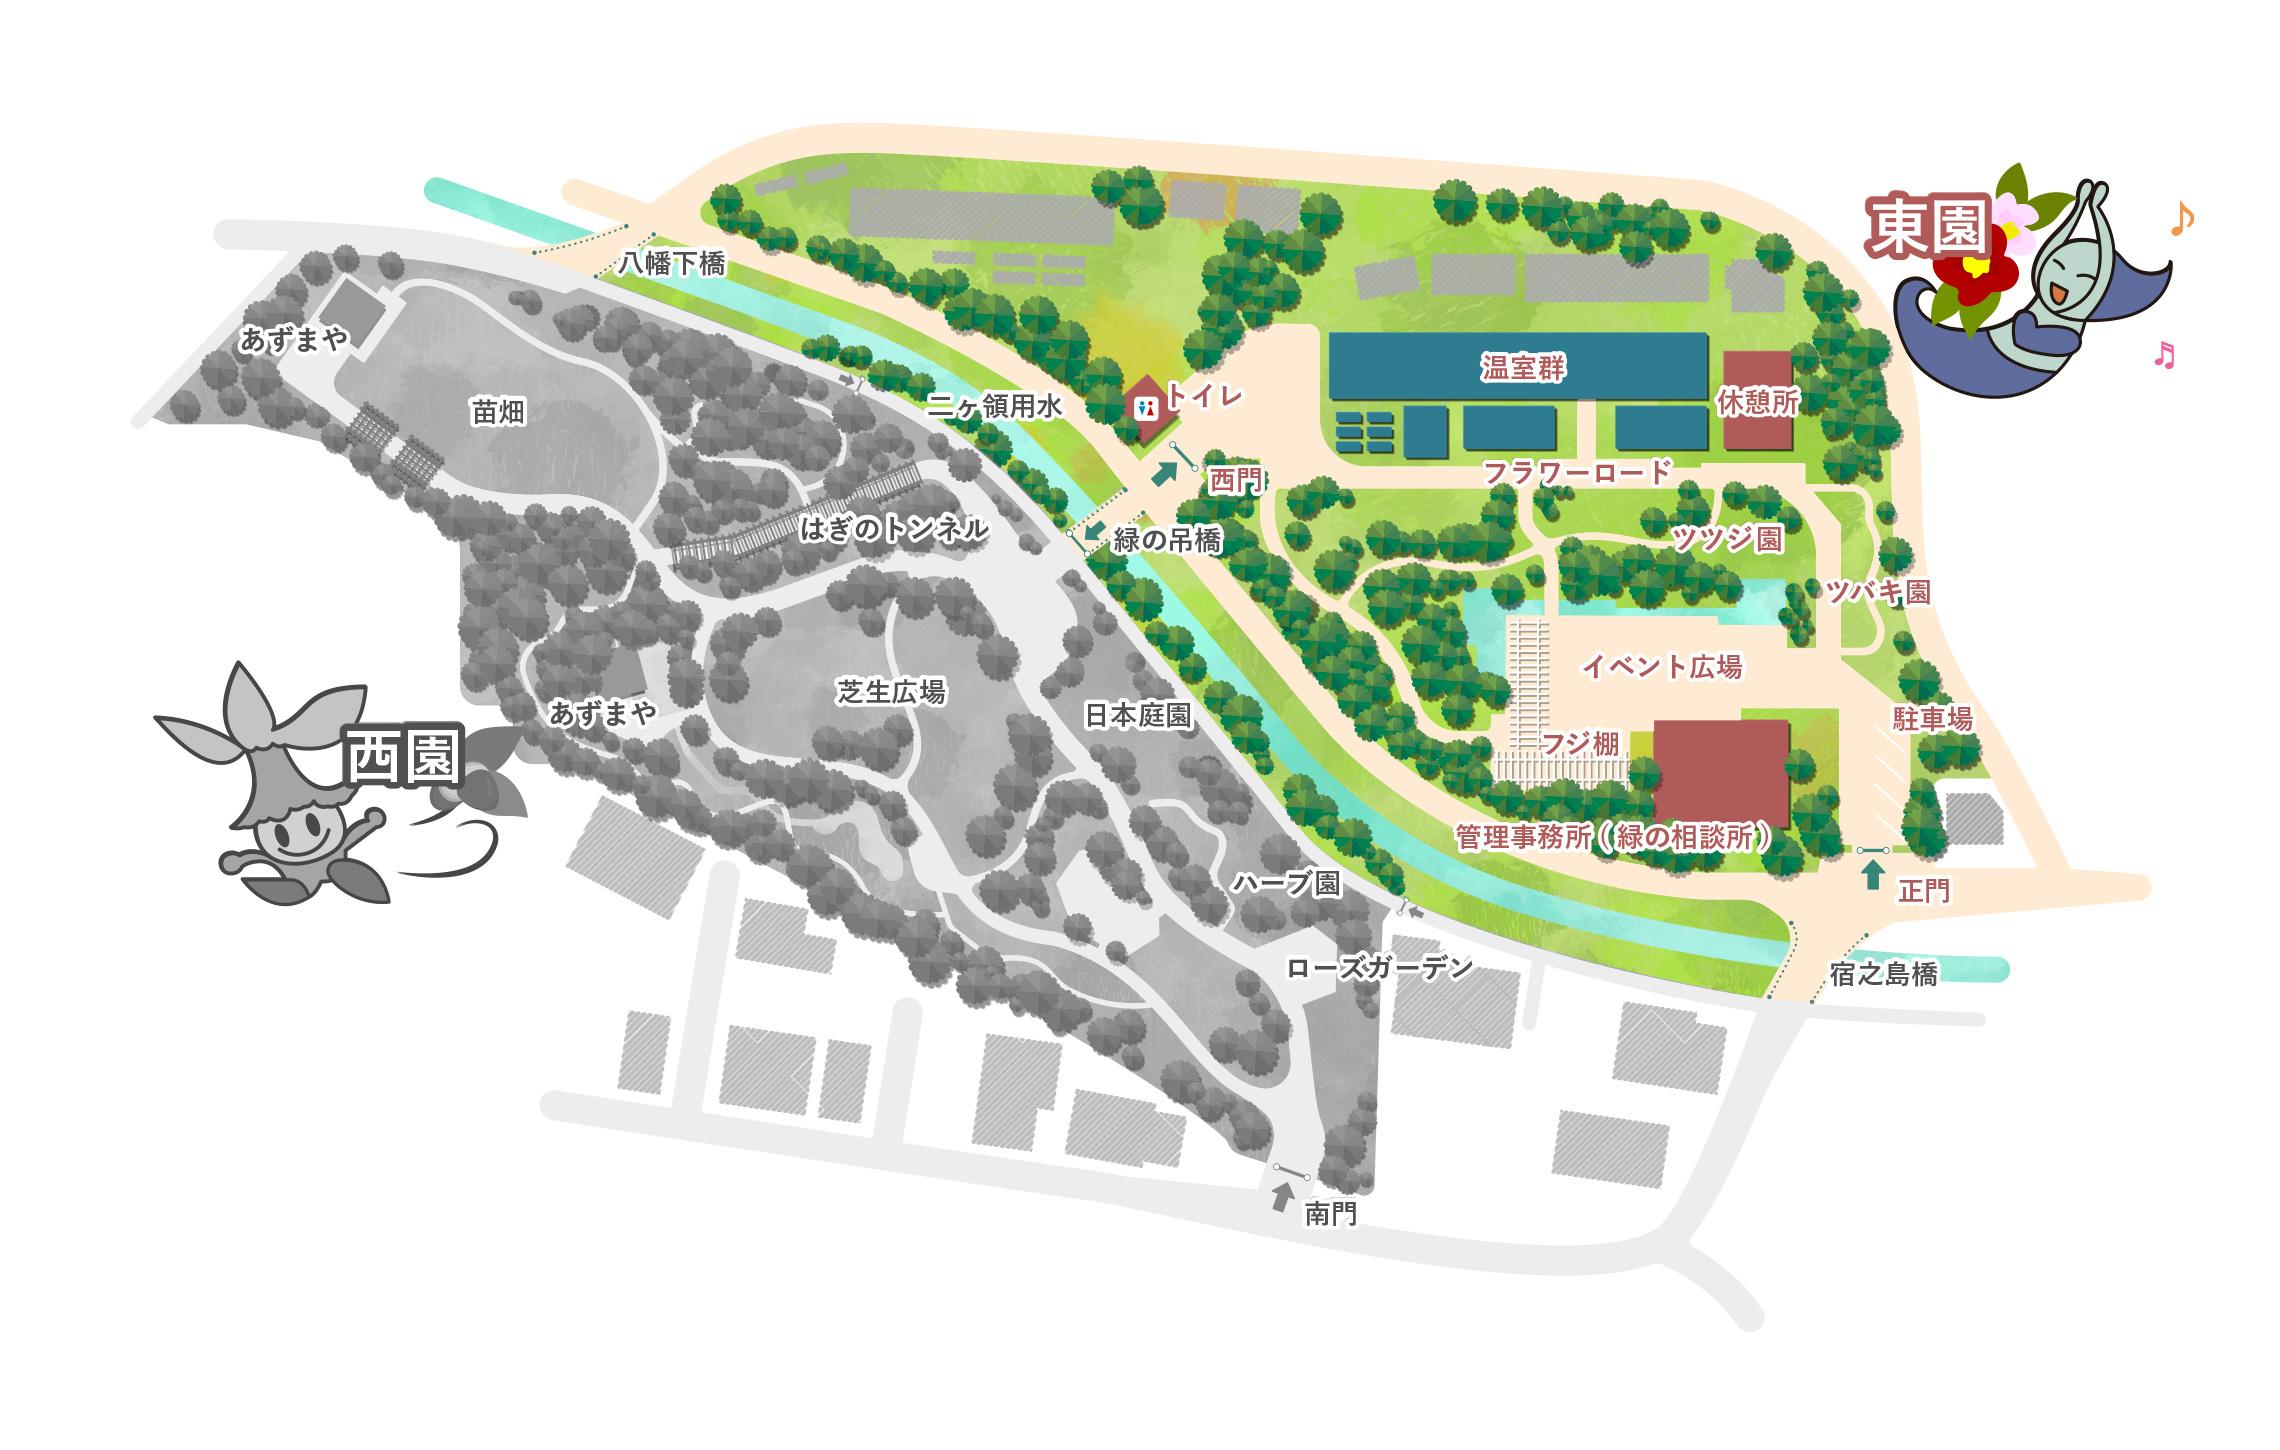 東園には管理事務所、フジ棚、イベント広場、ツバキ園、ツツジ園、フラワーロード、休憩所、温室群、があります。